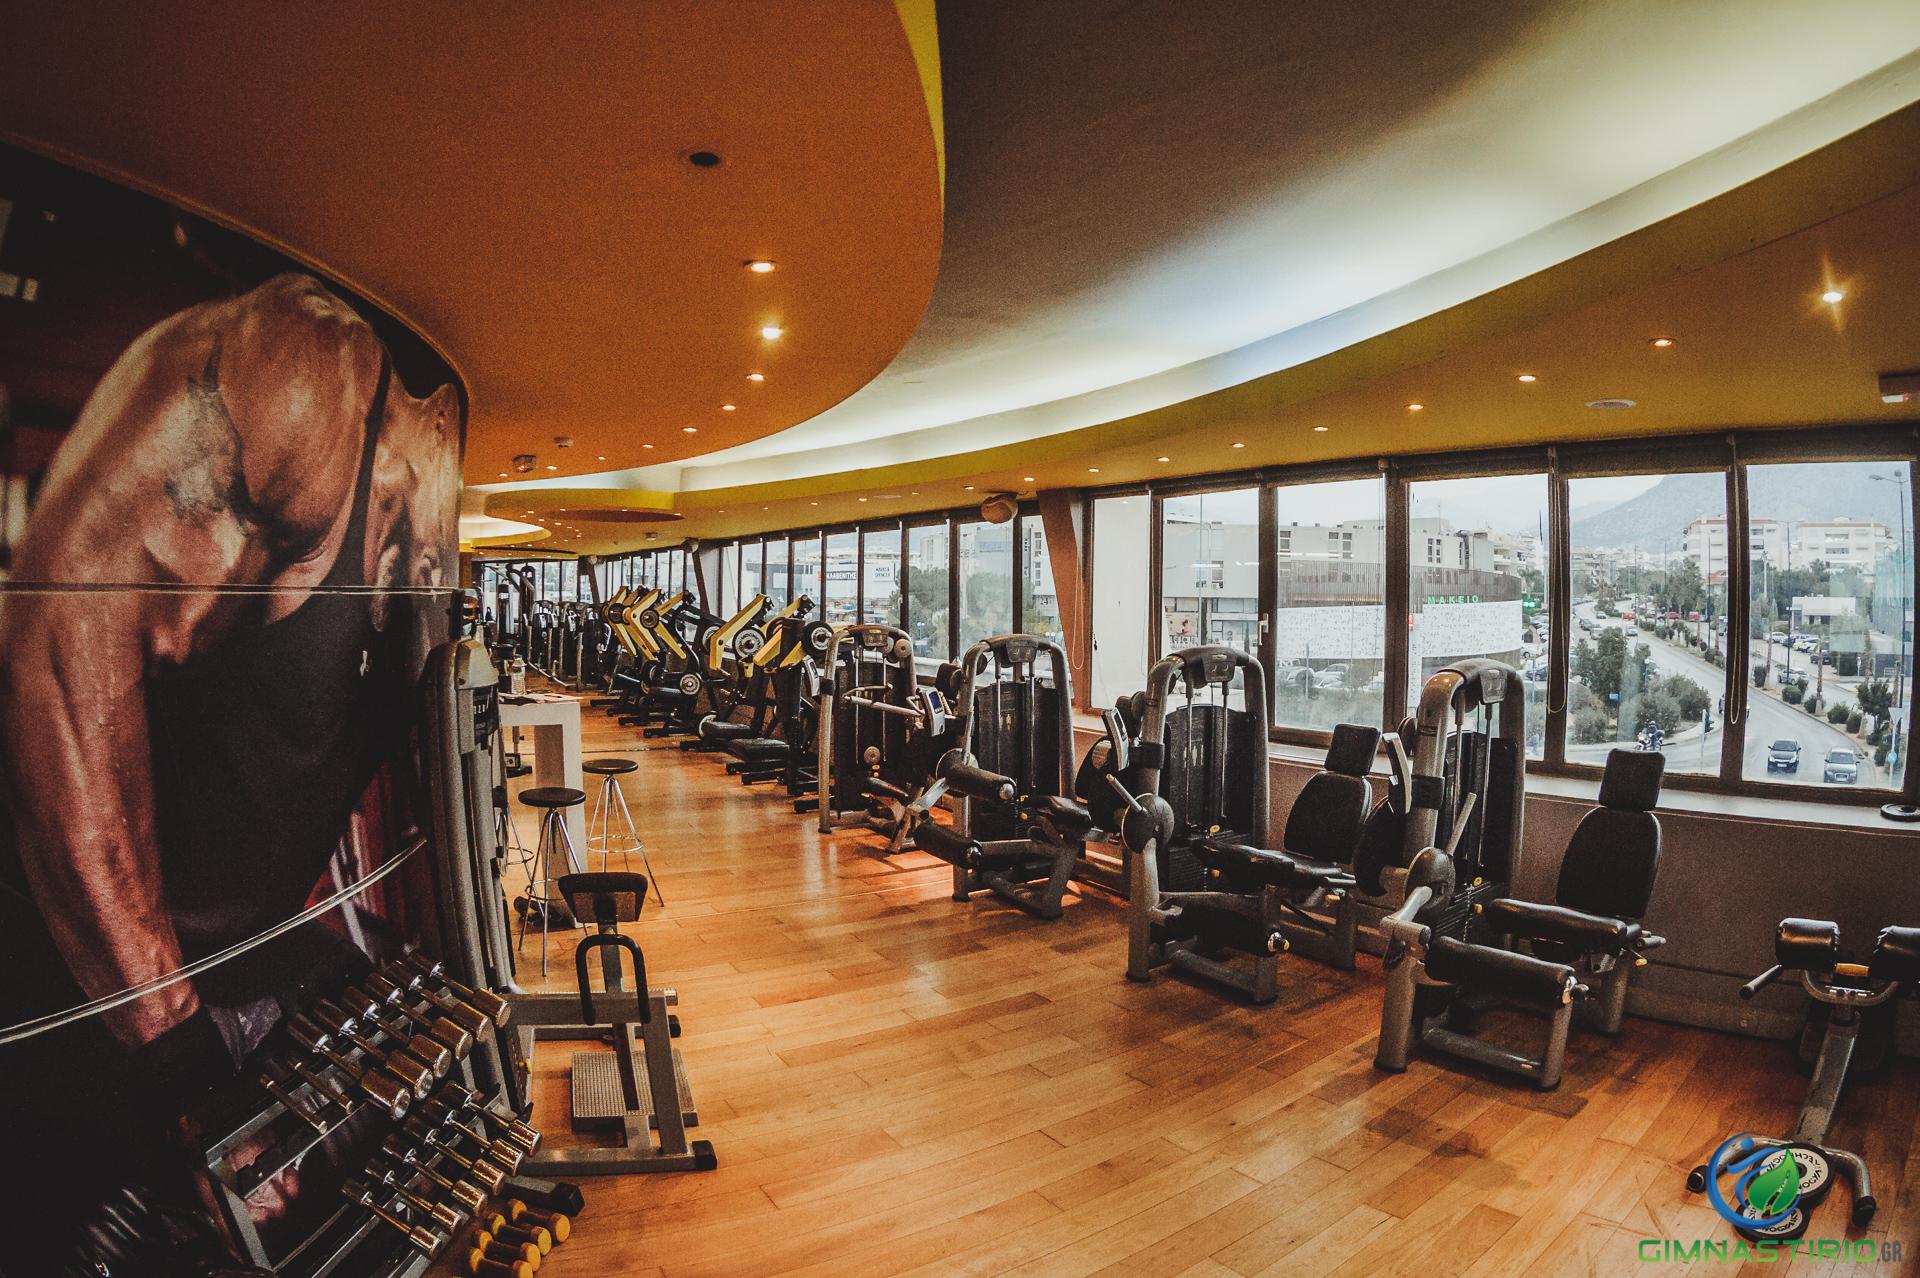 110€ για έξι (6) μήνες συνδρομής στο Gym Tonic στη Γλυφάδα με χρήση οργάνων και συμμετοχή στα ομαδικά προγράμματα και η εγγραφή δωρεάν!! Ένας χώρος 2.000 τμ με σύγχρονα μηχανήματα και άκρως καταρτισμένο προσωπικό! Αρχικής αξίας 190€ - Έκπτωση 42%